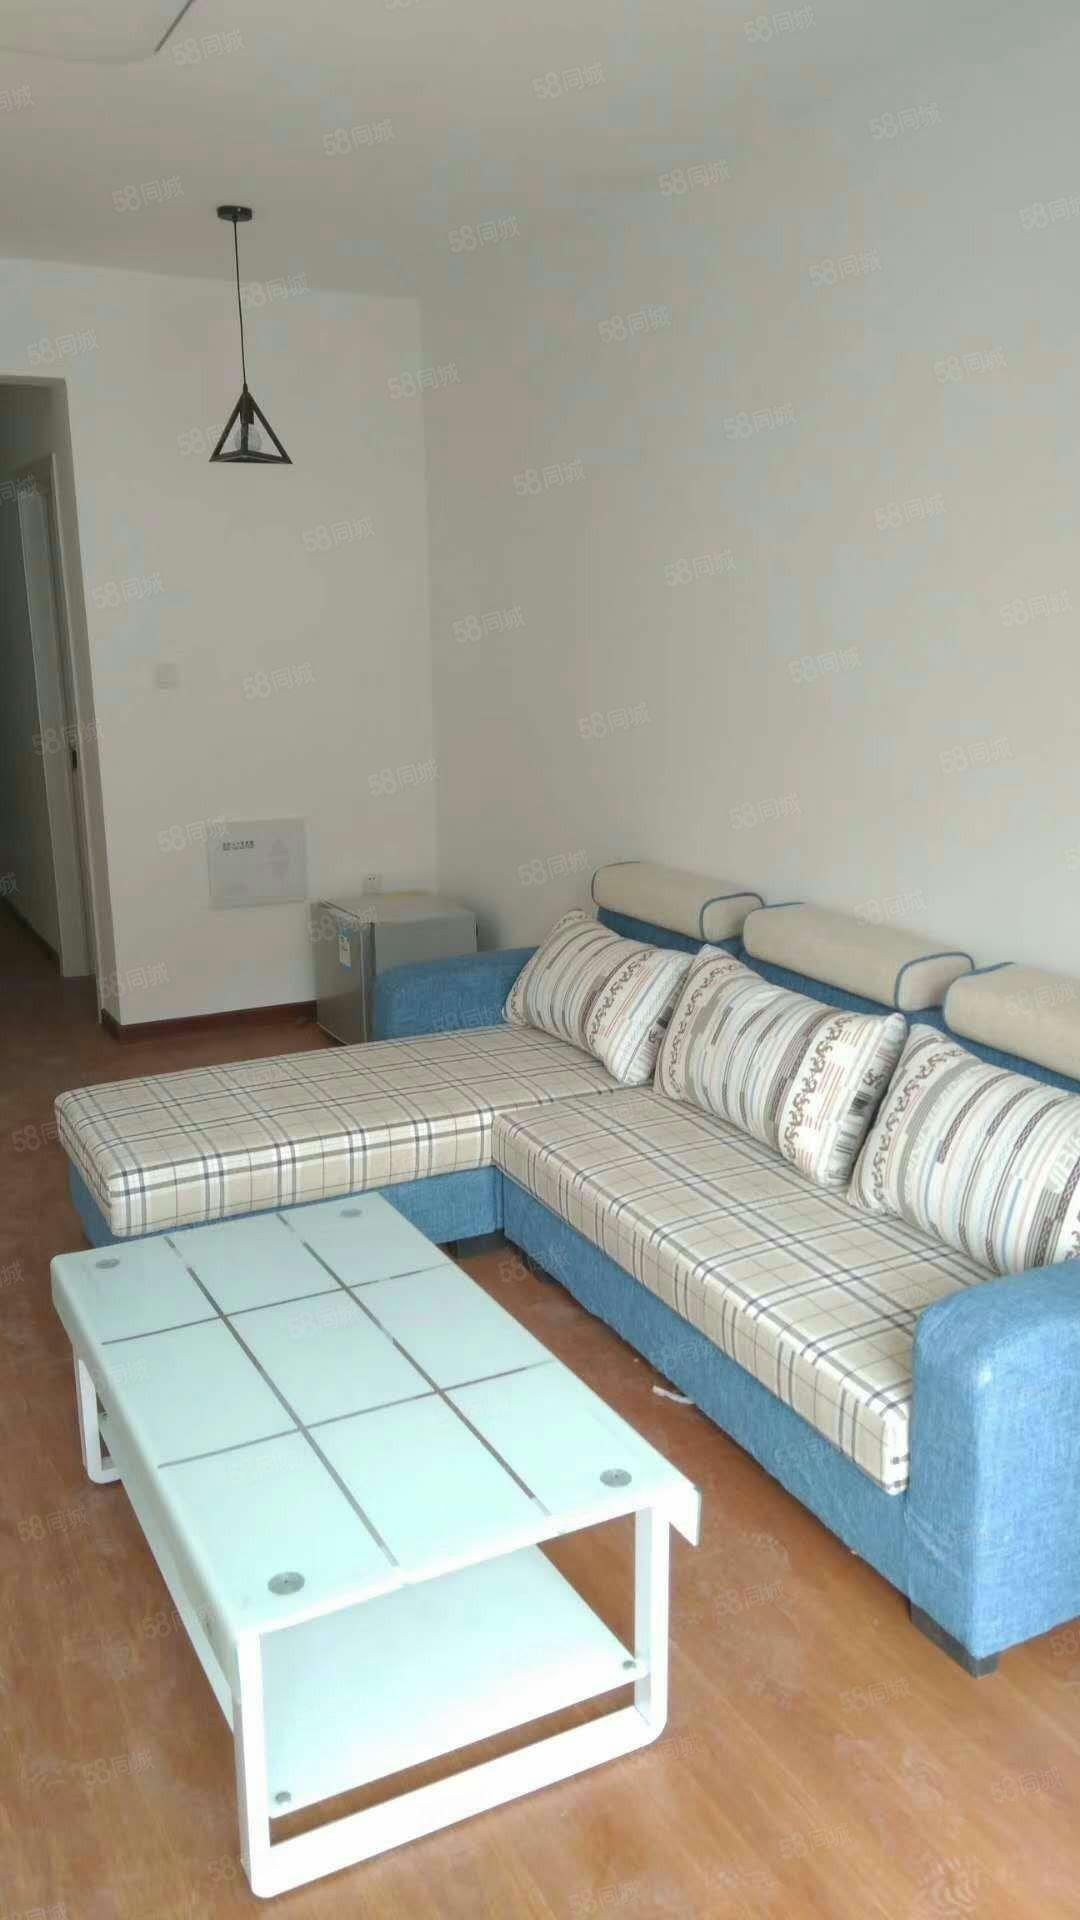 名门郡景三室一厅精装修,家电齐全,拎包入住,月租1500.